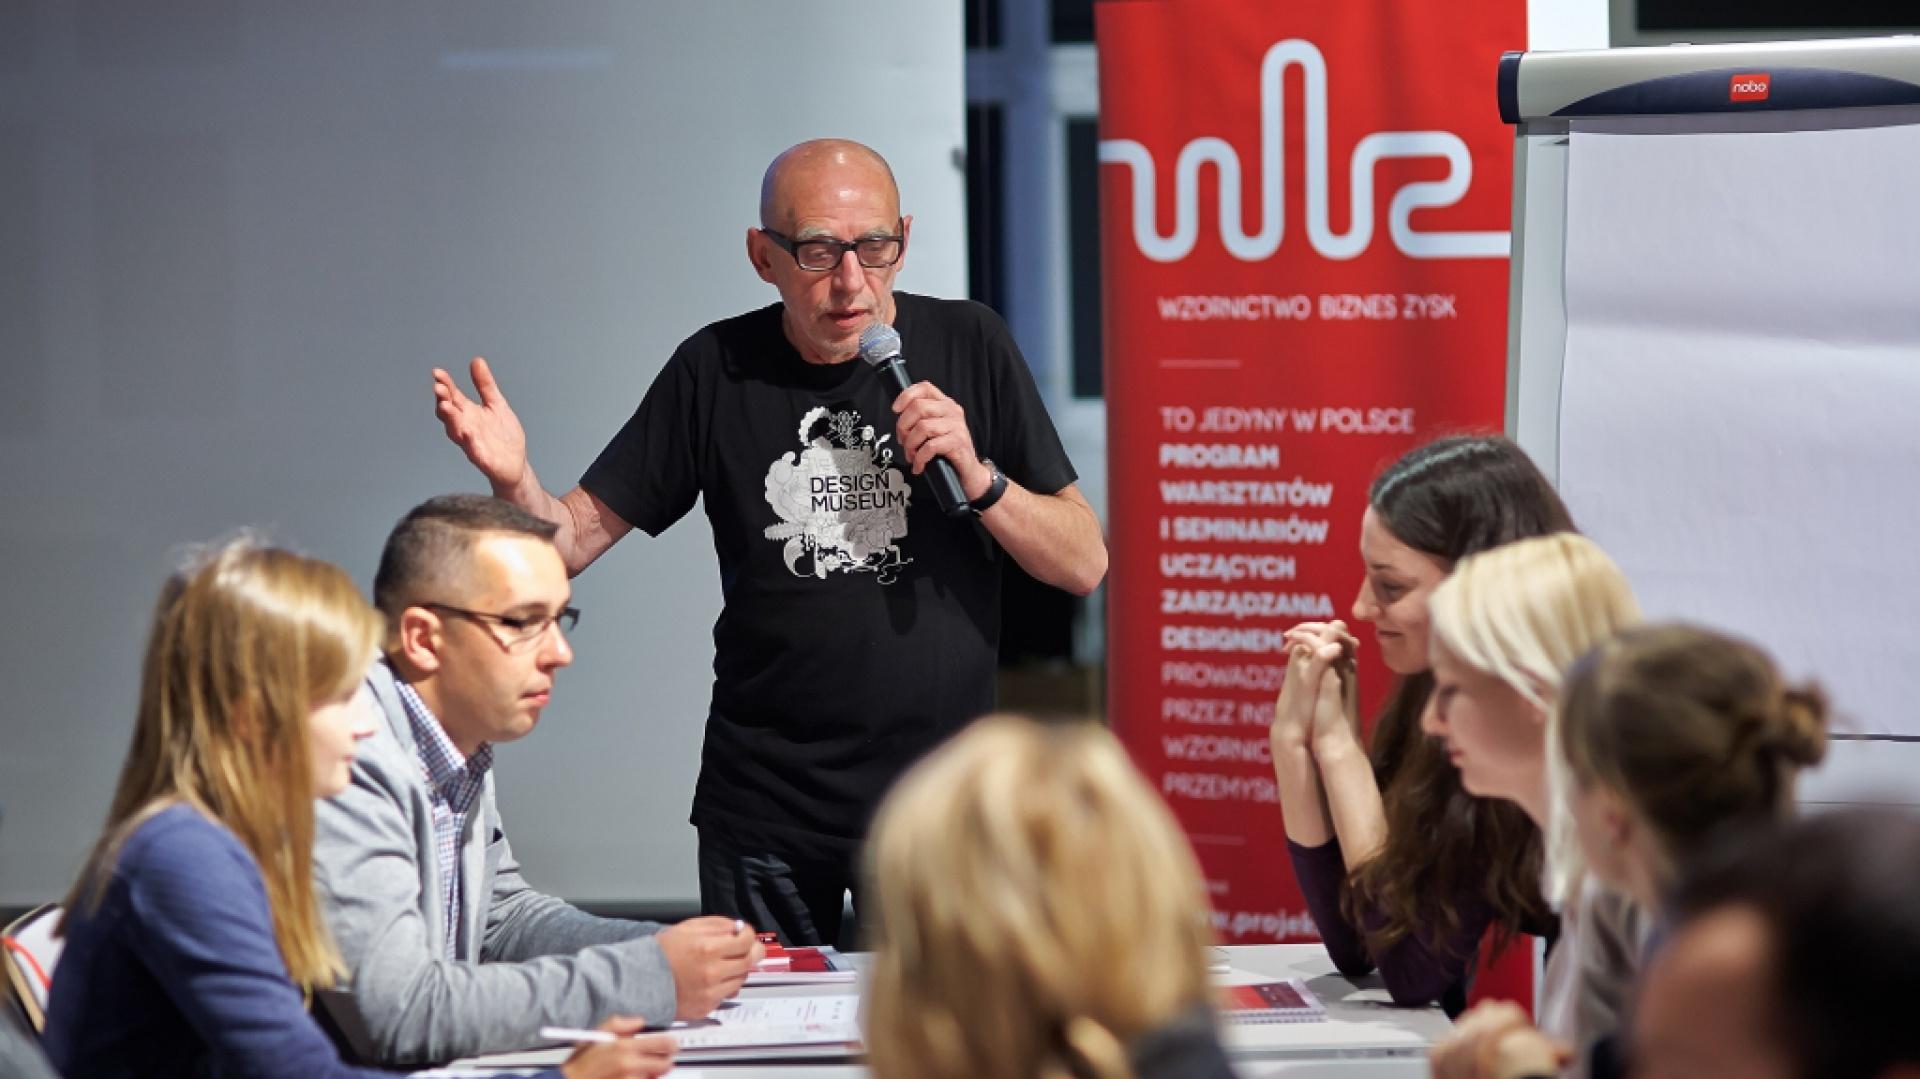 Marek Adamczewski: Można powiedzieć, że bez designu trudno mówić o innowacyjności, oczywiście jeśli mówimy o produktach rynkowych. Fot. IWP